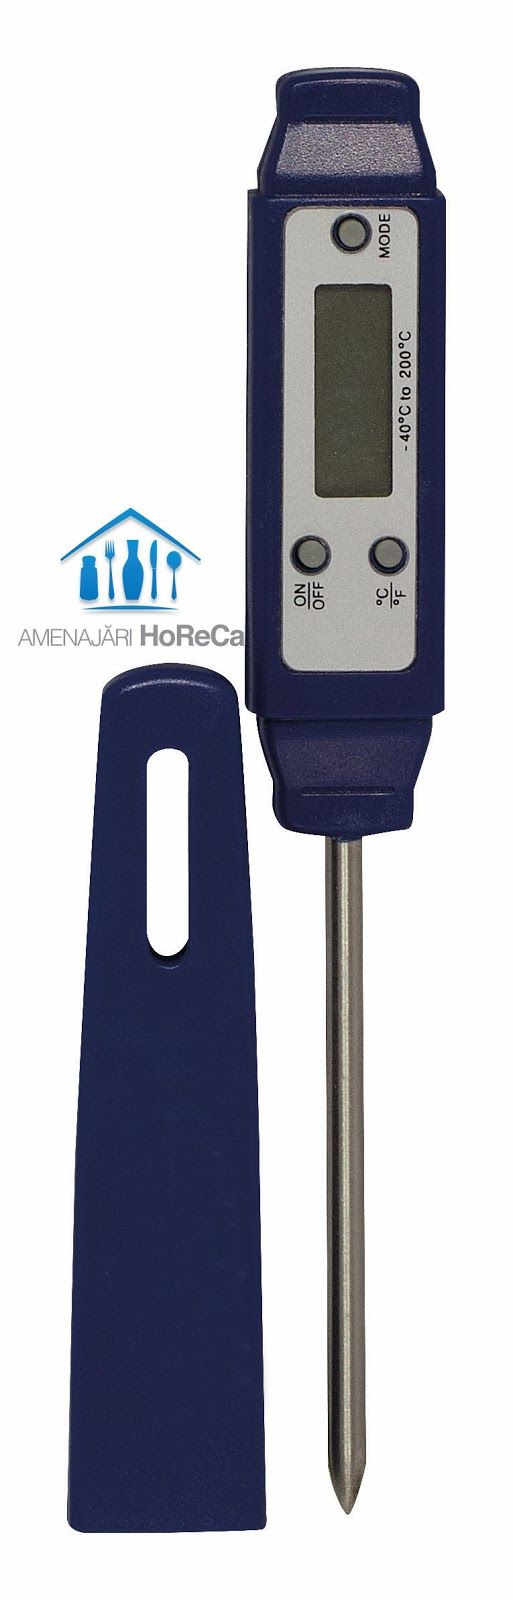 Termometru bucatarie digital cu sonda